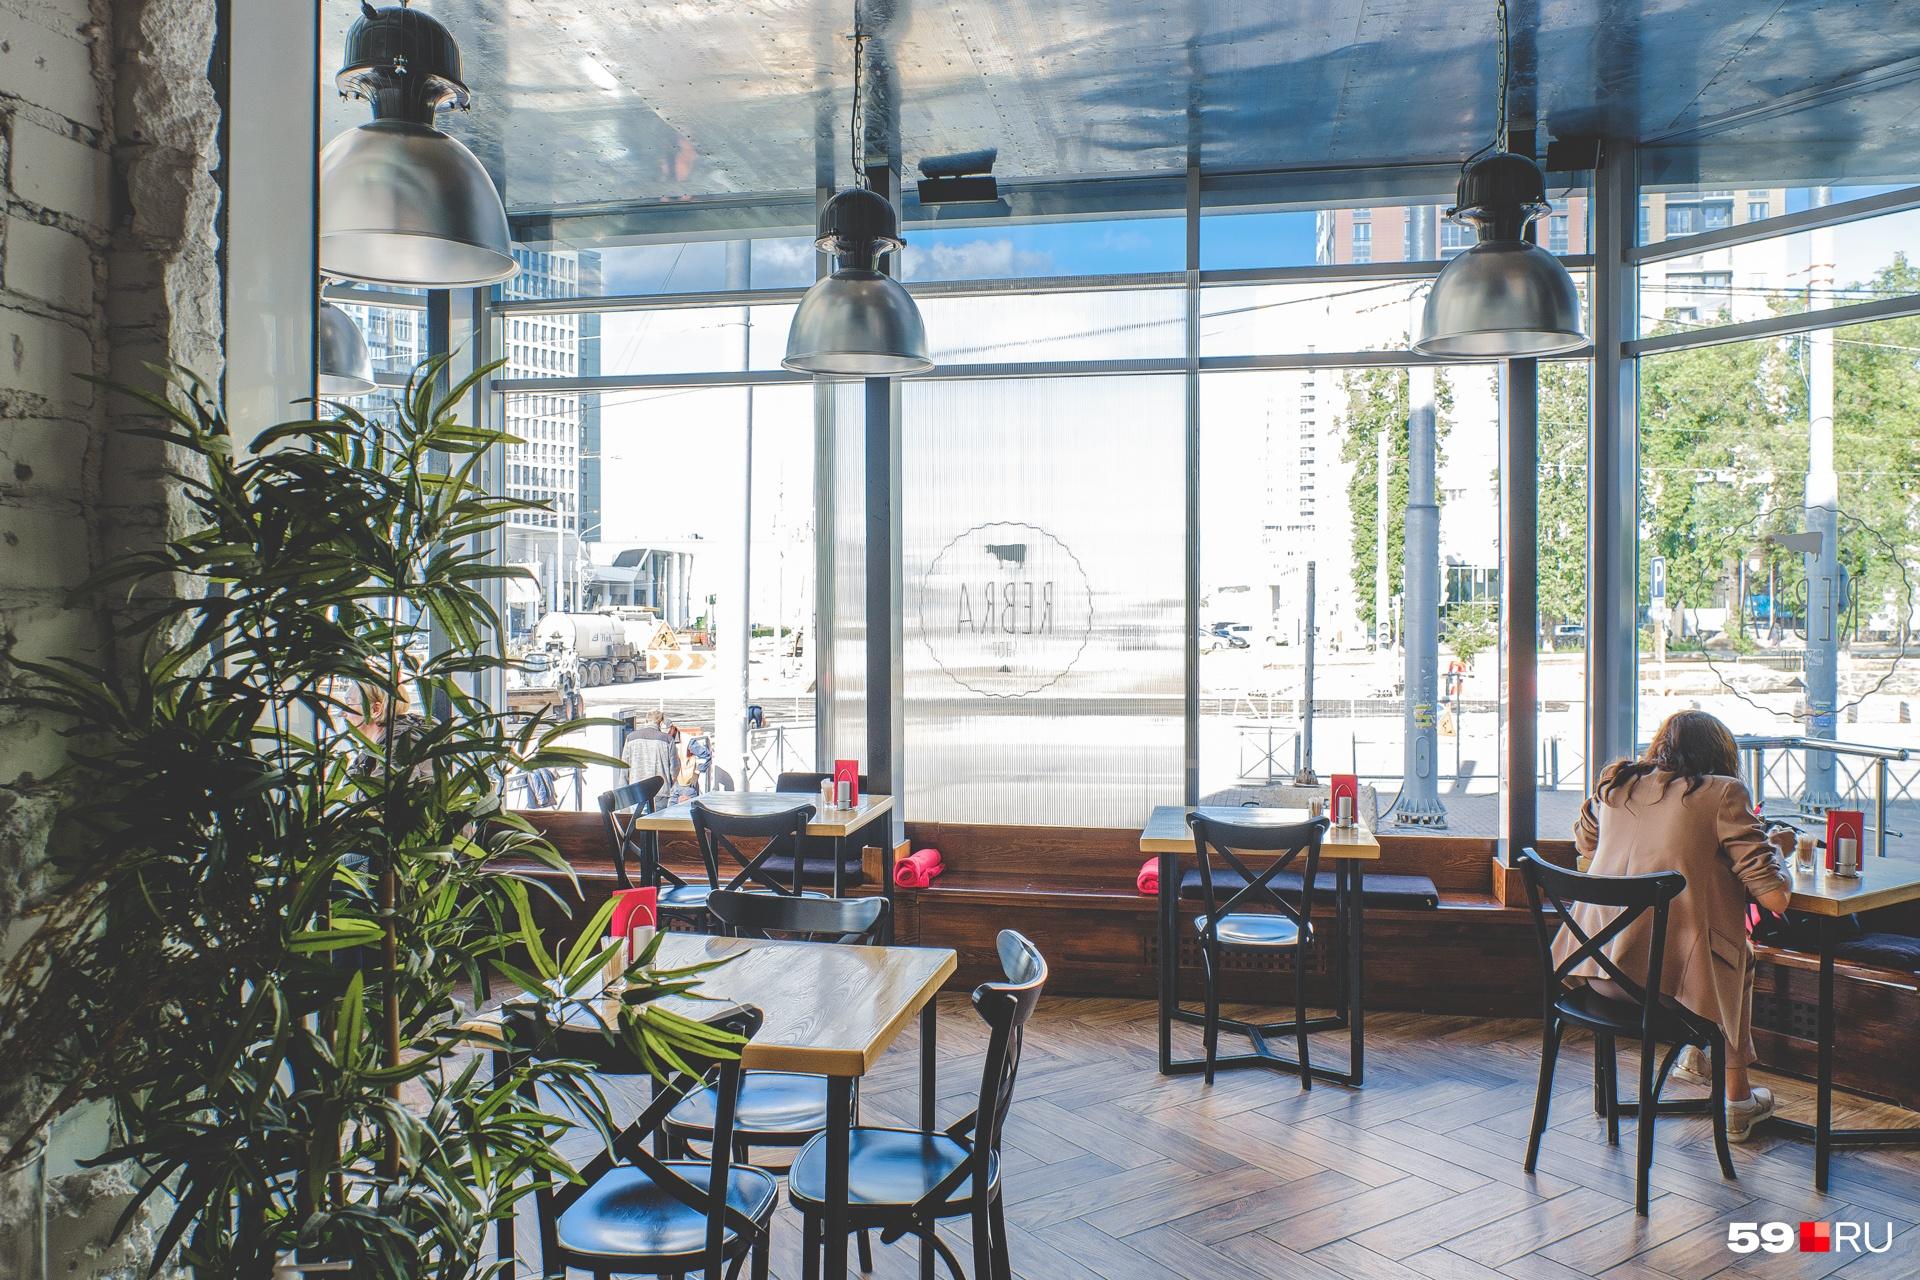 Ресторан Rebra на перекрестке Революции и Сибирской превратился в летник: для этого убрали стекла из панорамных окон